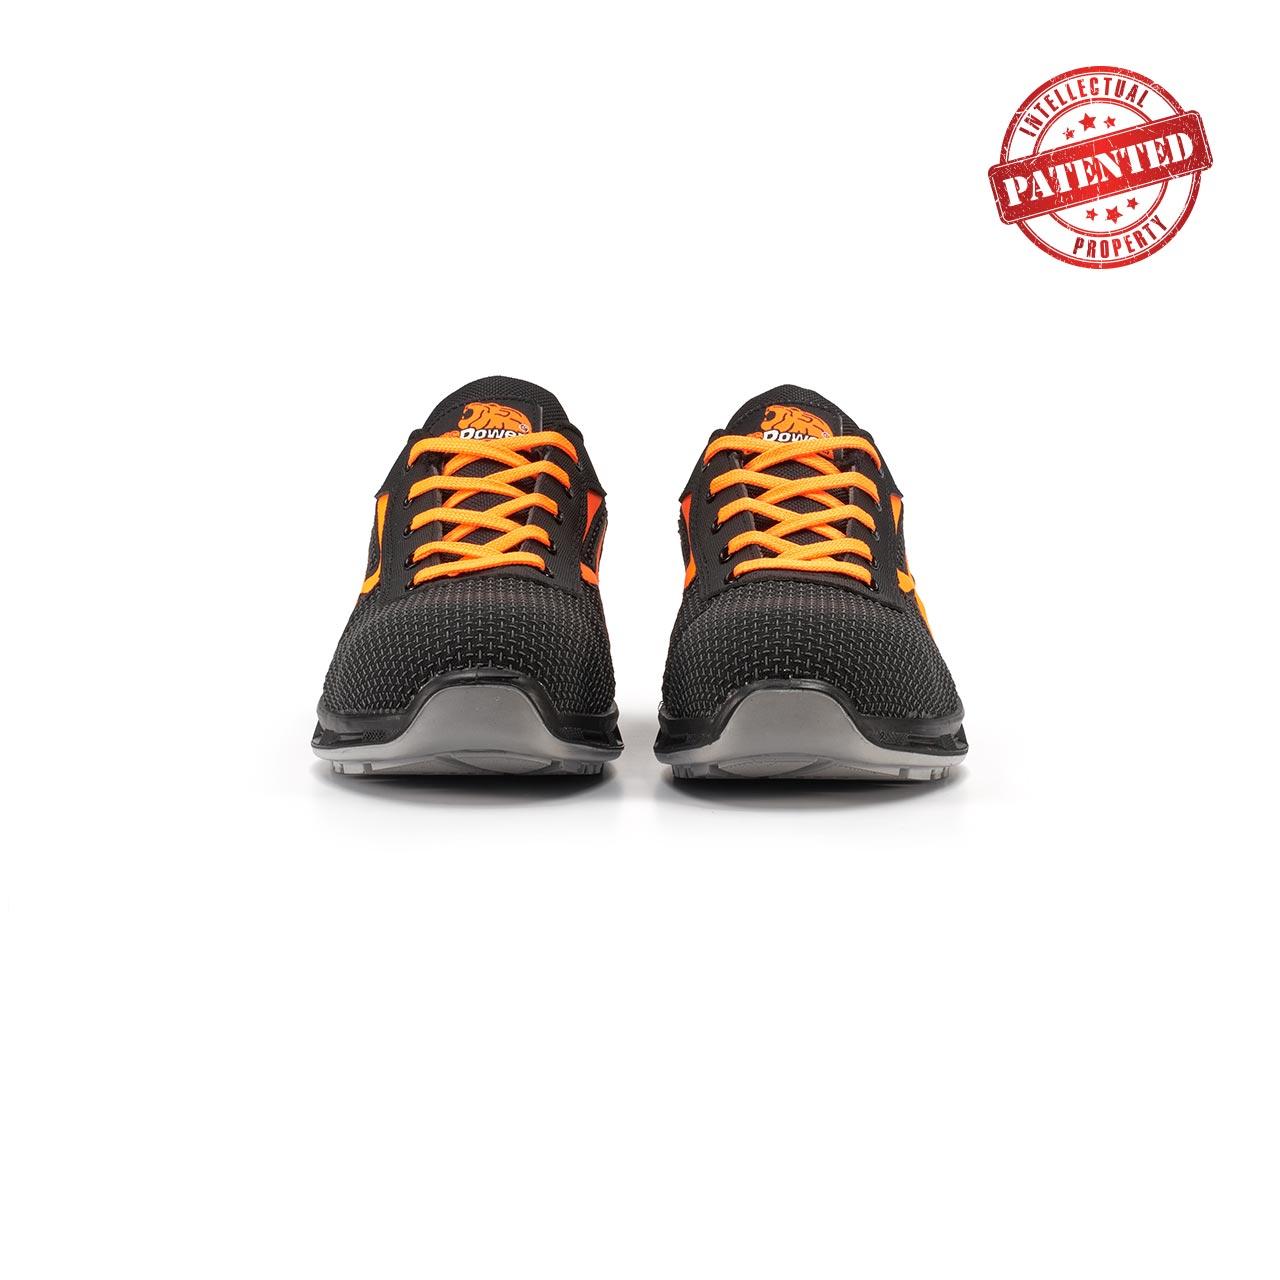 paio di scarpe antinfortunistiche upower modello kindle linea redlion vista frontale